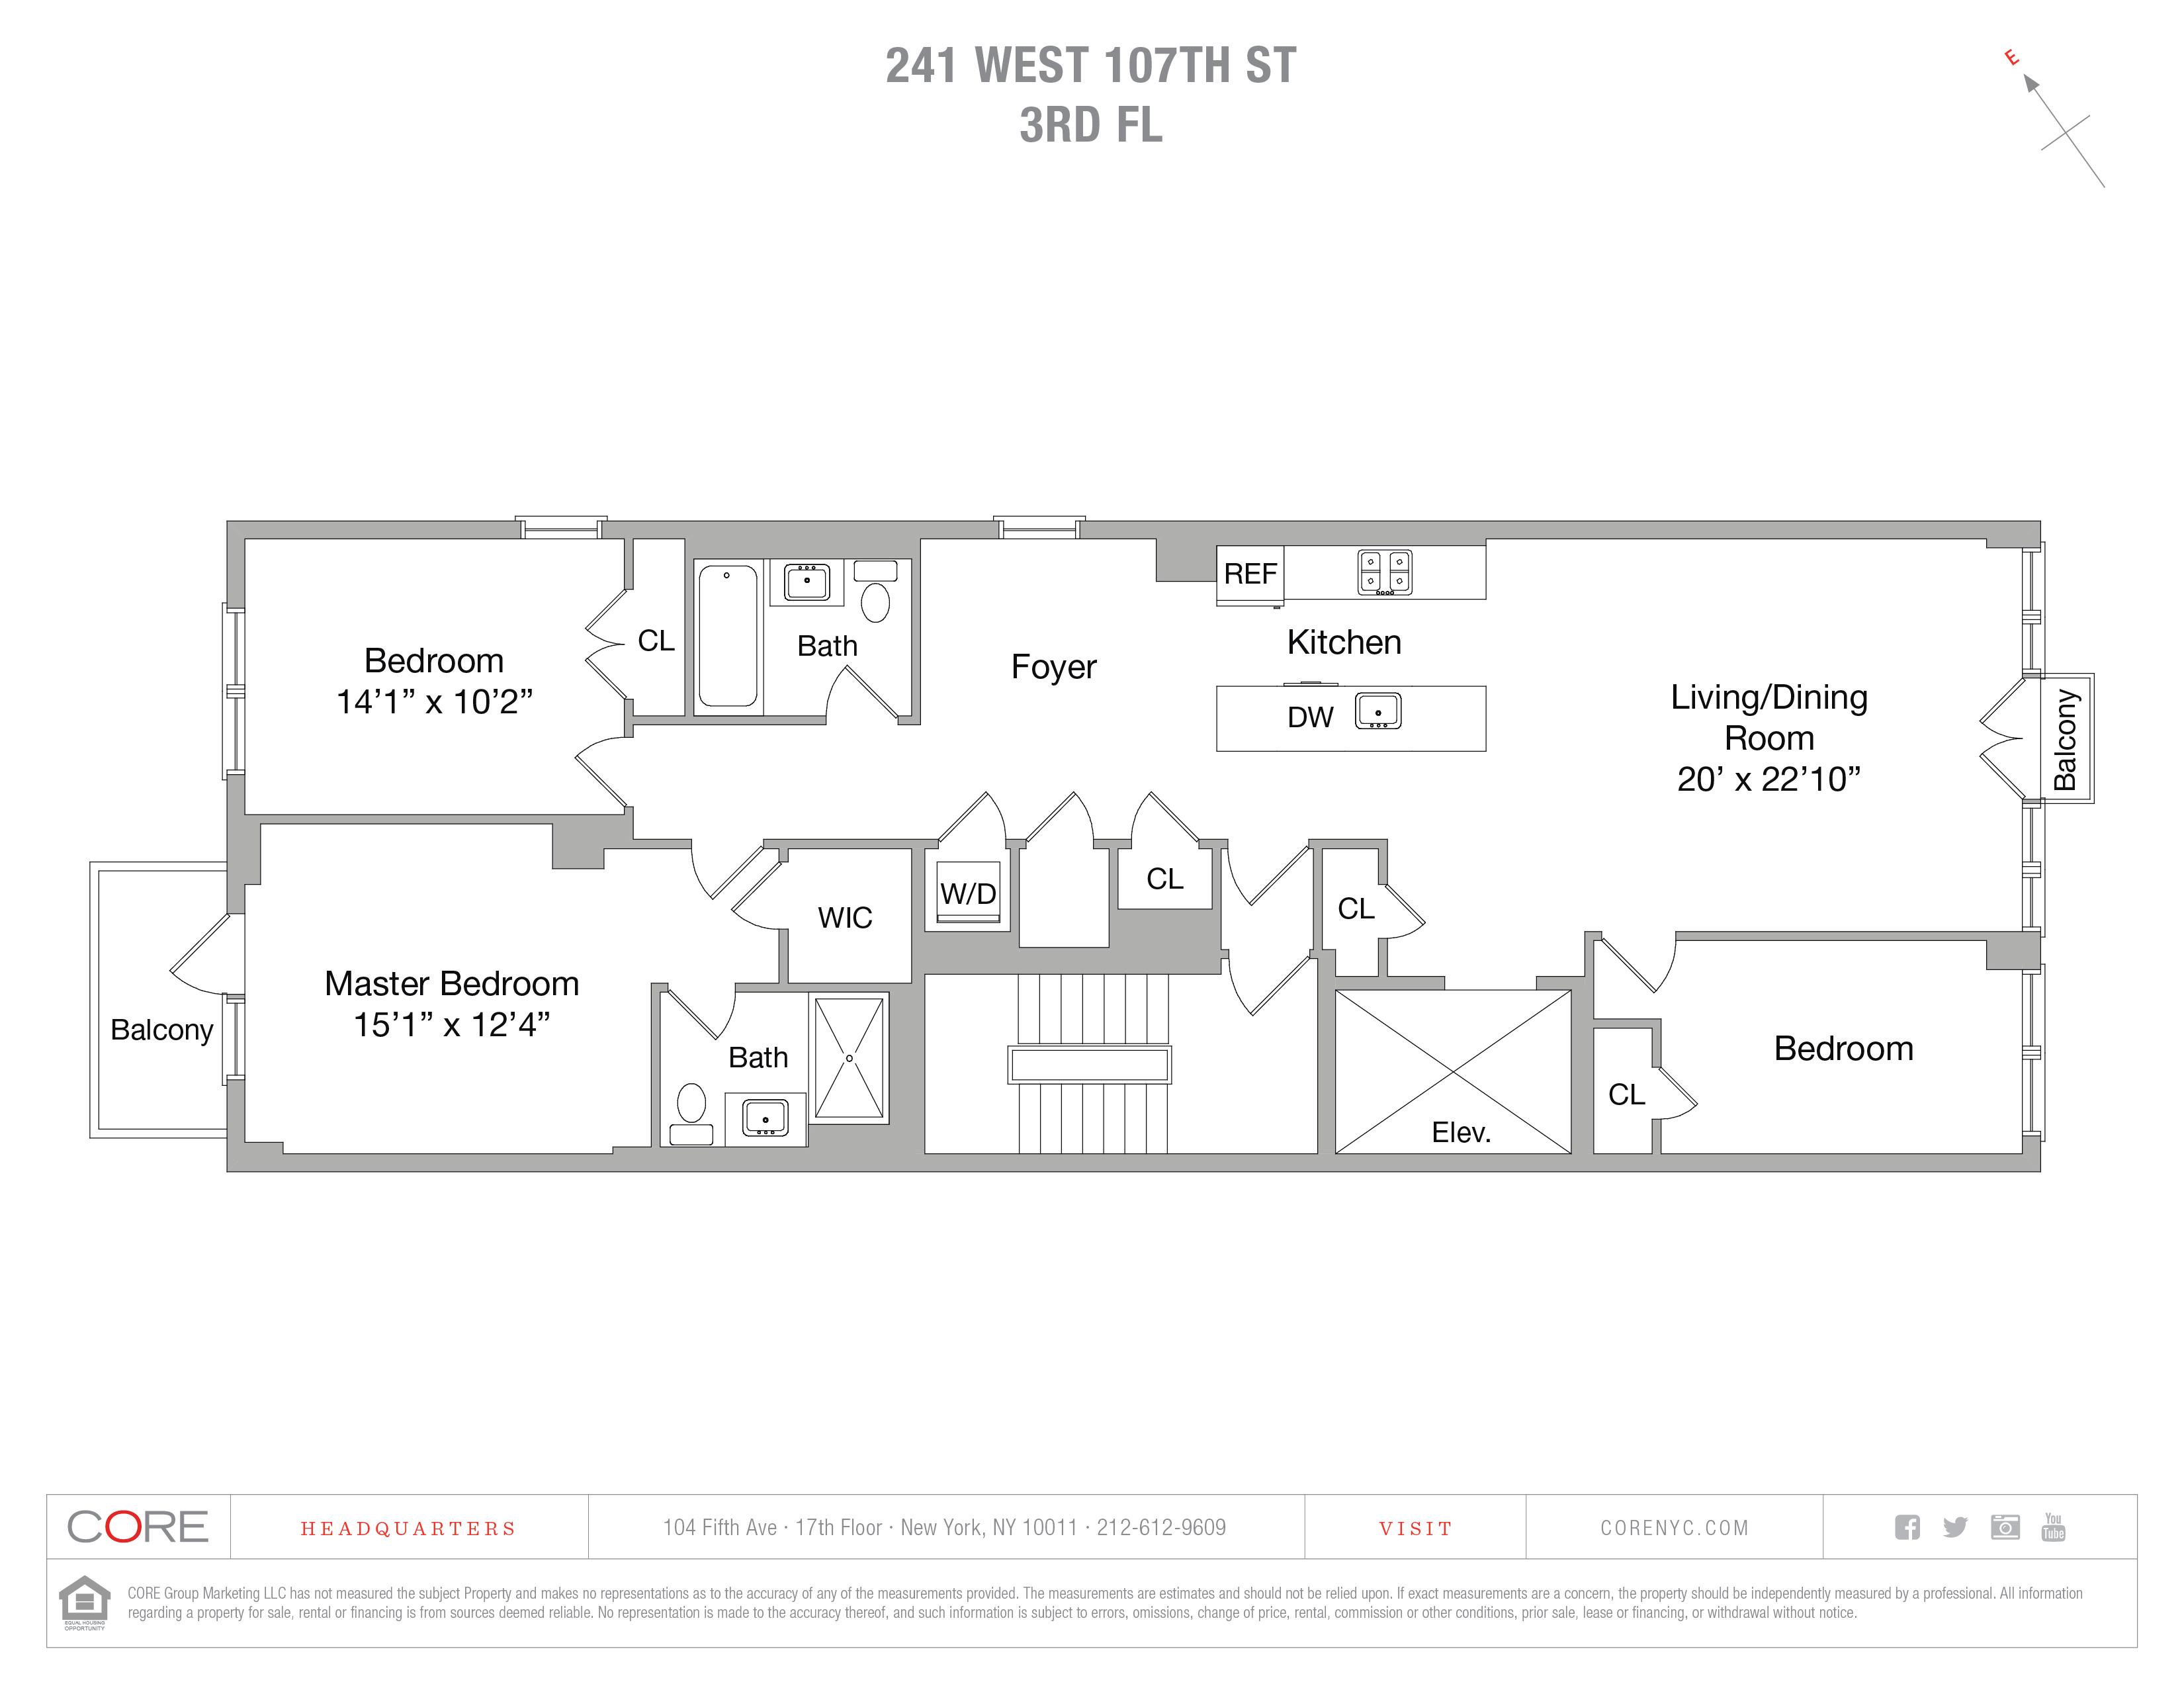 241 West 107th St. 3RDFLOOR, New York, NY 10025